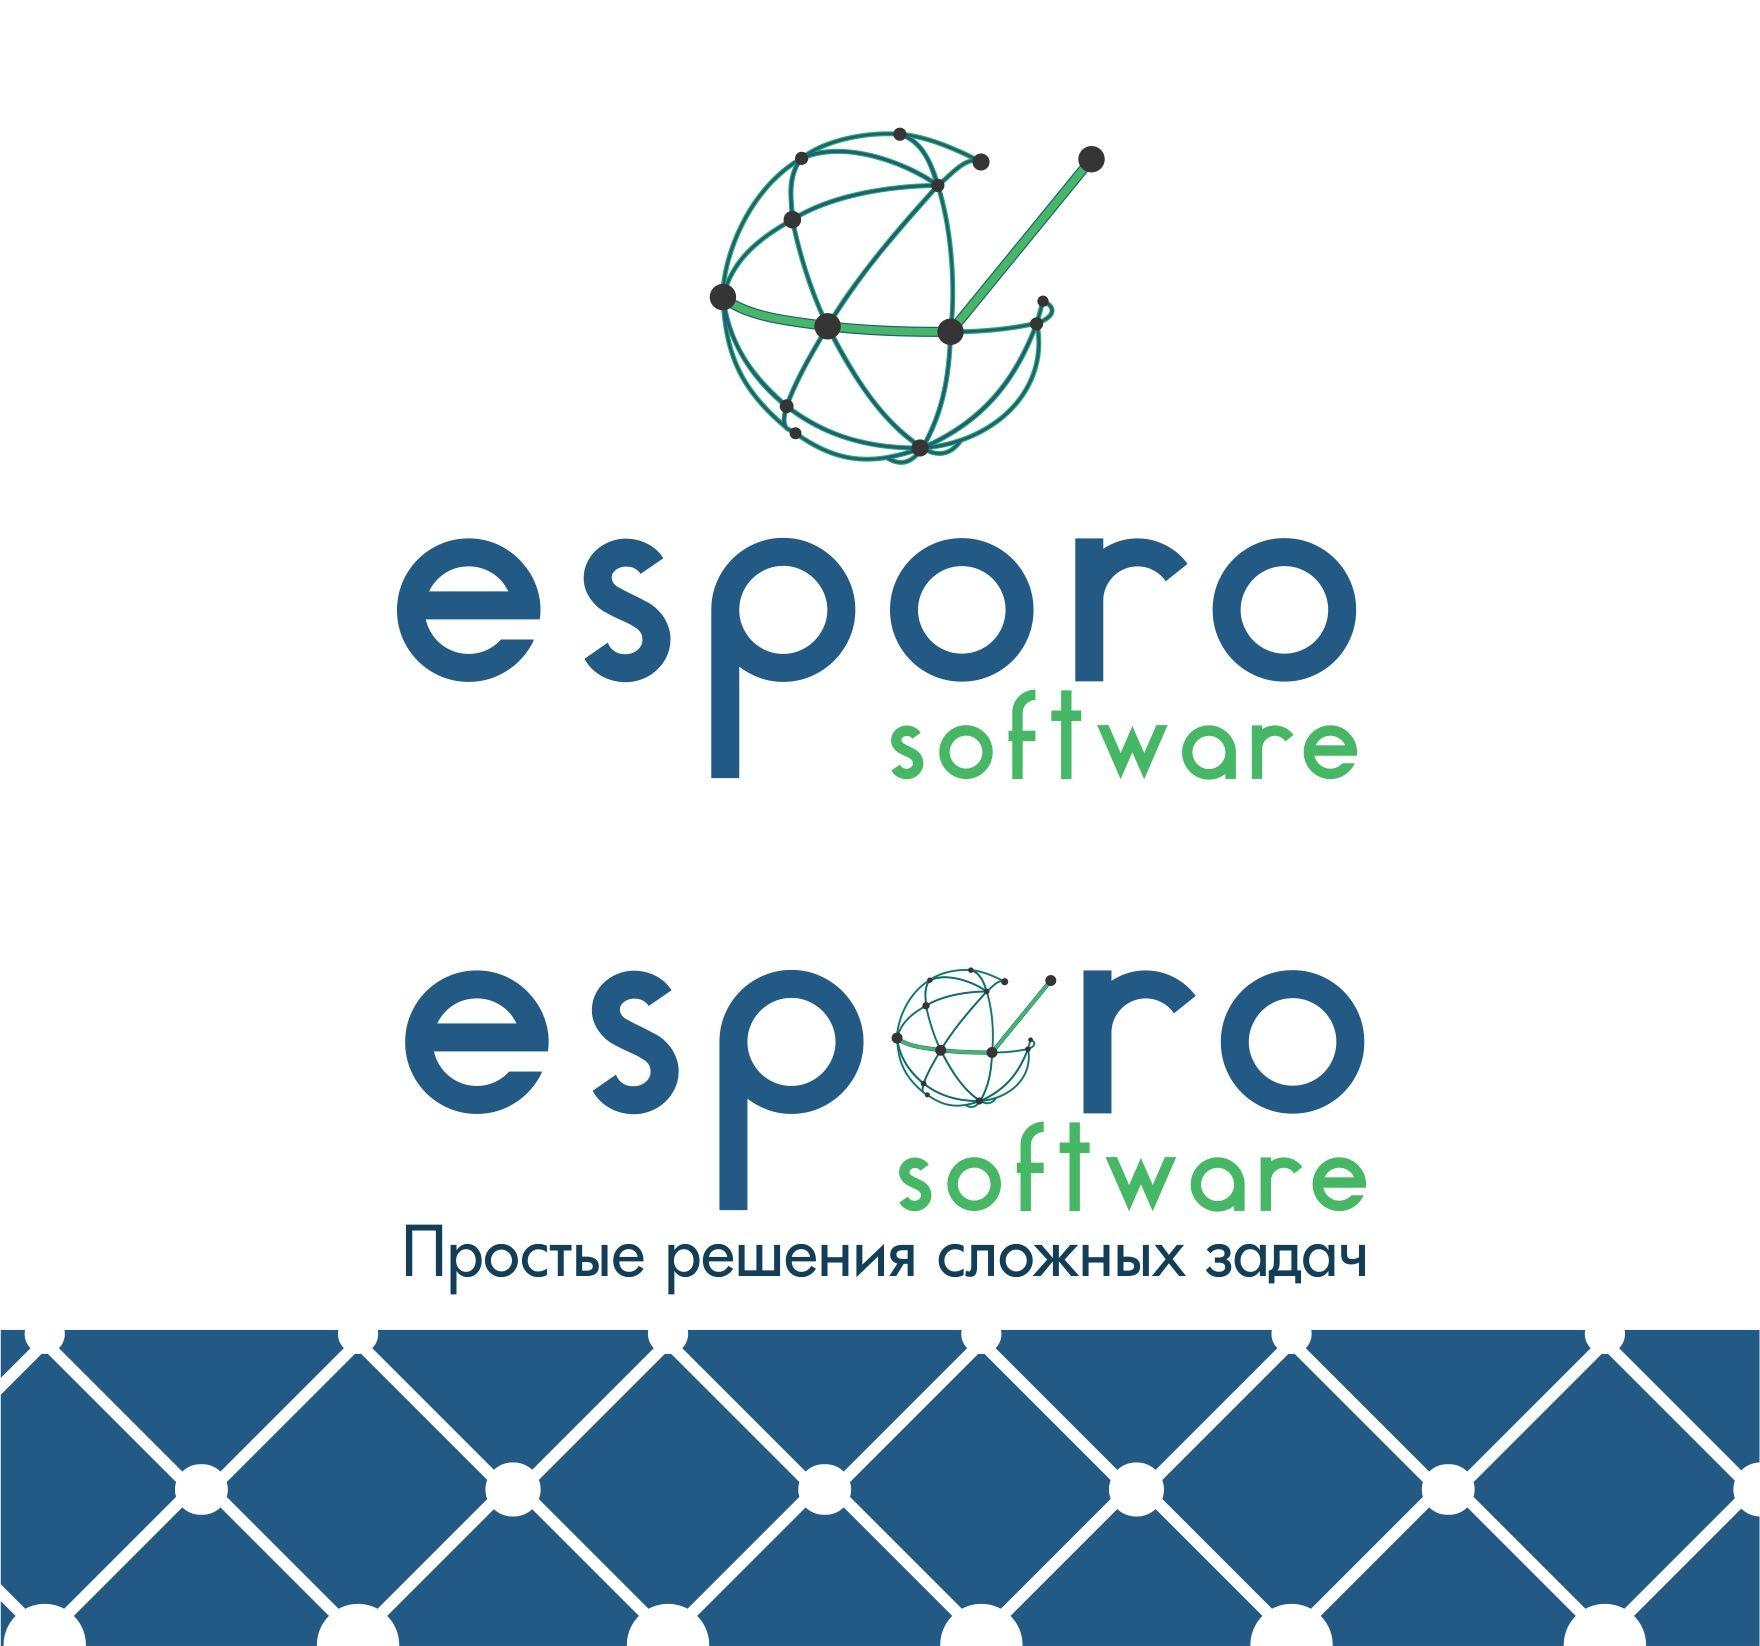 Логотип и фирменный стиль для ИТ-компании - дизайнер kuchupen